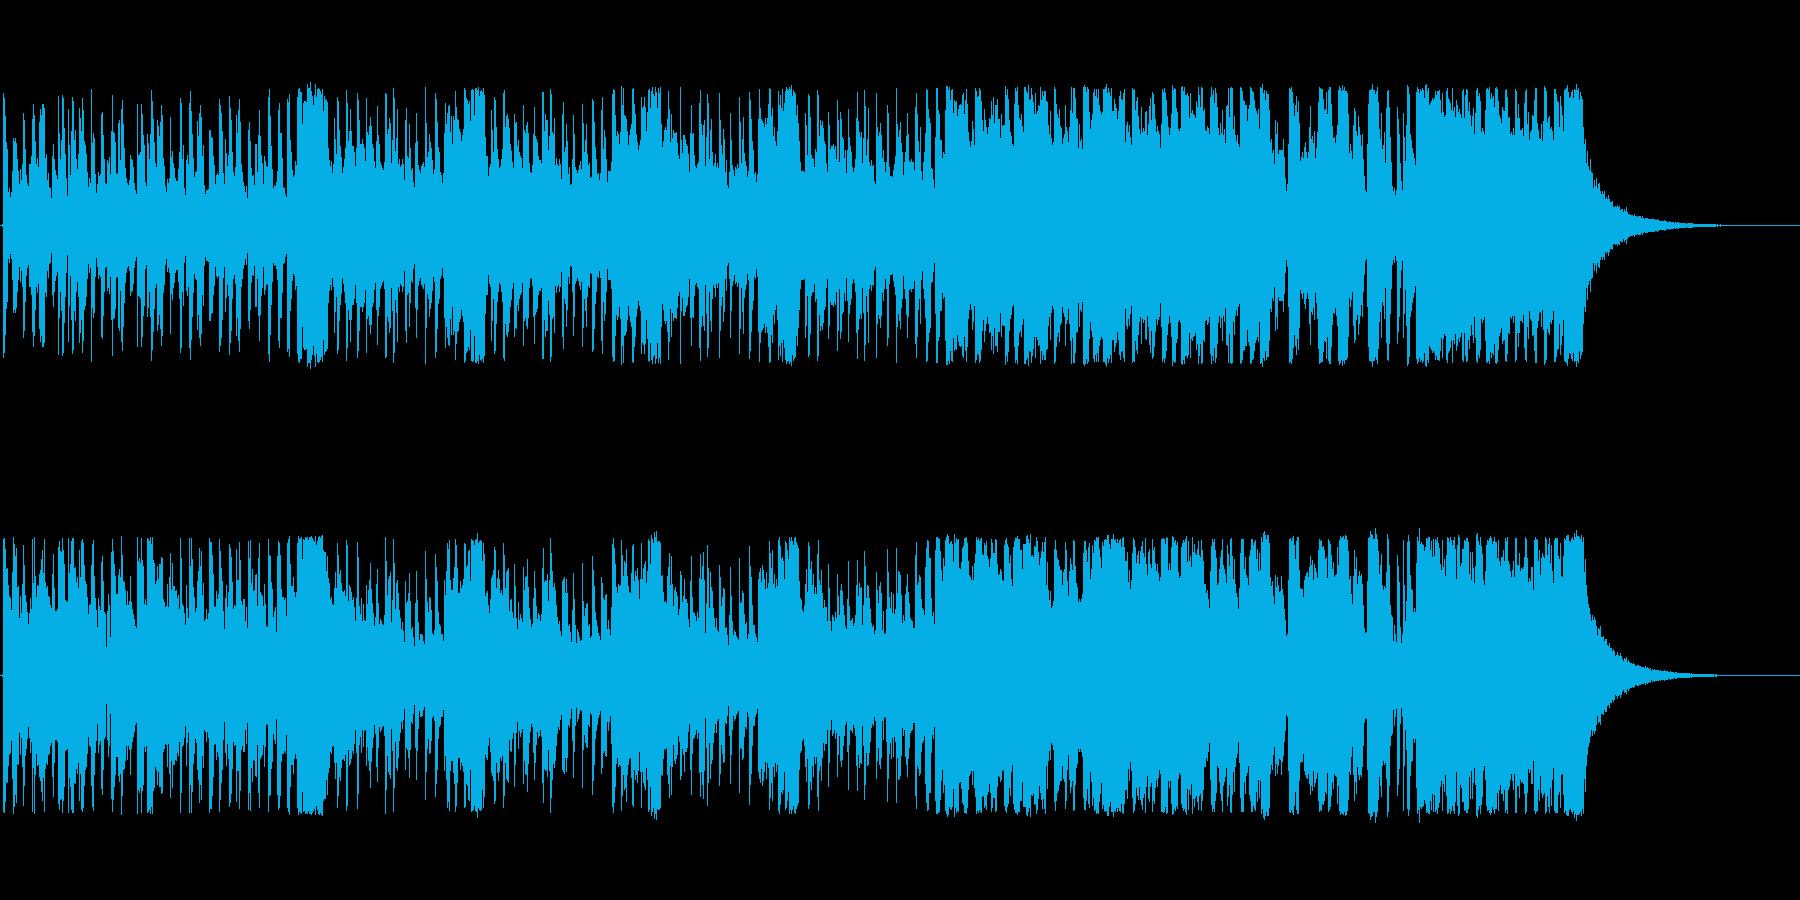 少し怪しげで、不安感・危機感をあおる曲の再生済みの波形